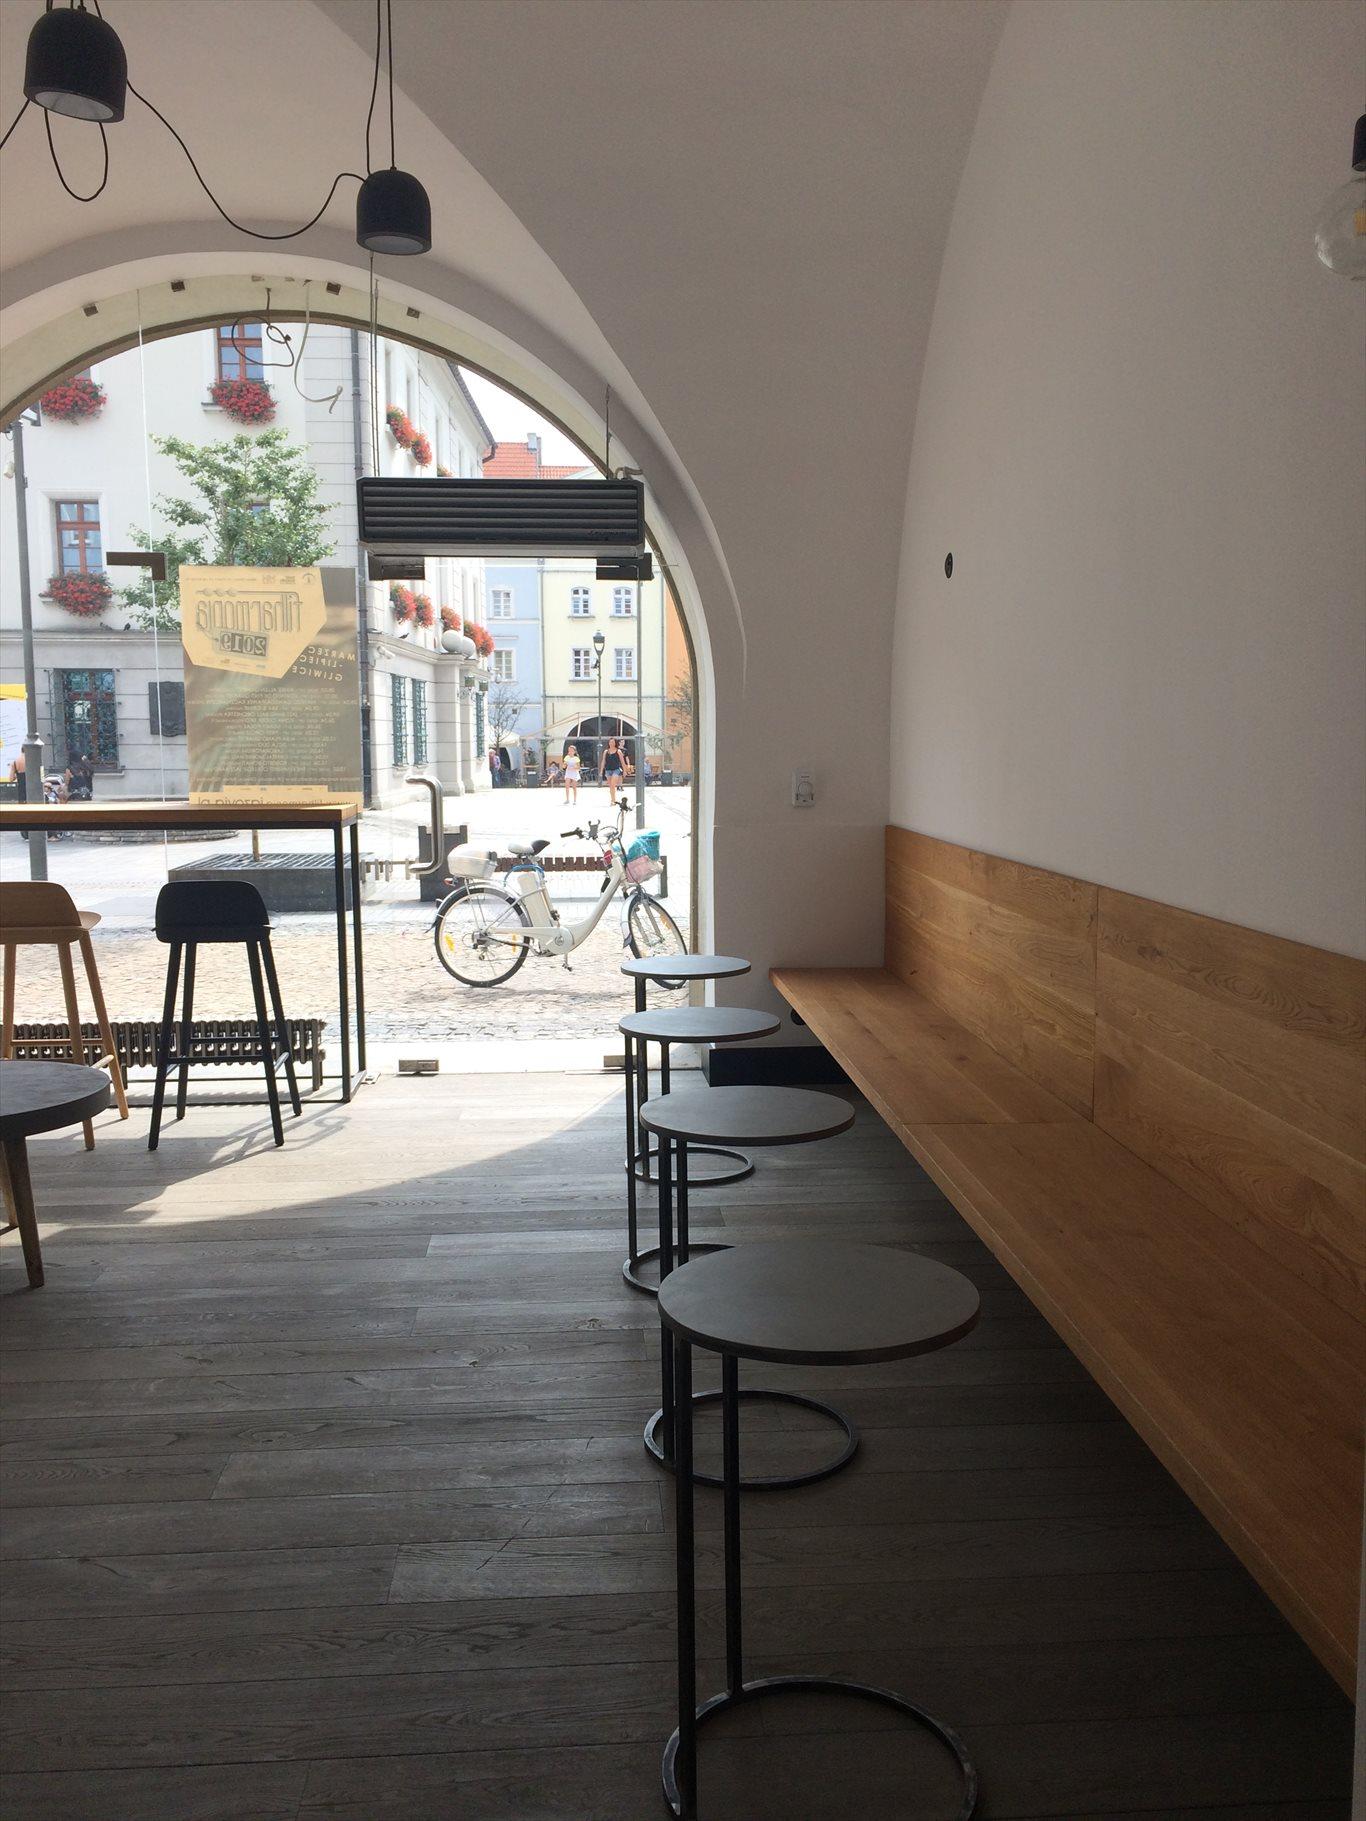 Lokal użytkowy na wynajem Gliwice, Centrum, Rynek 10  250m2 Foto 13